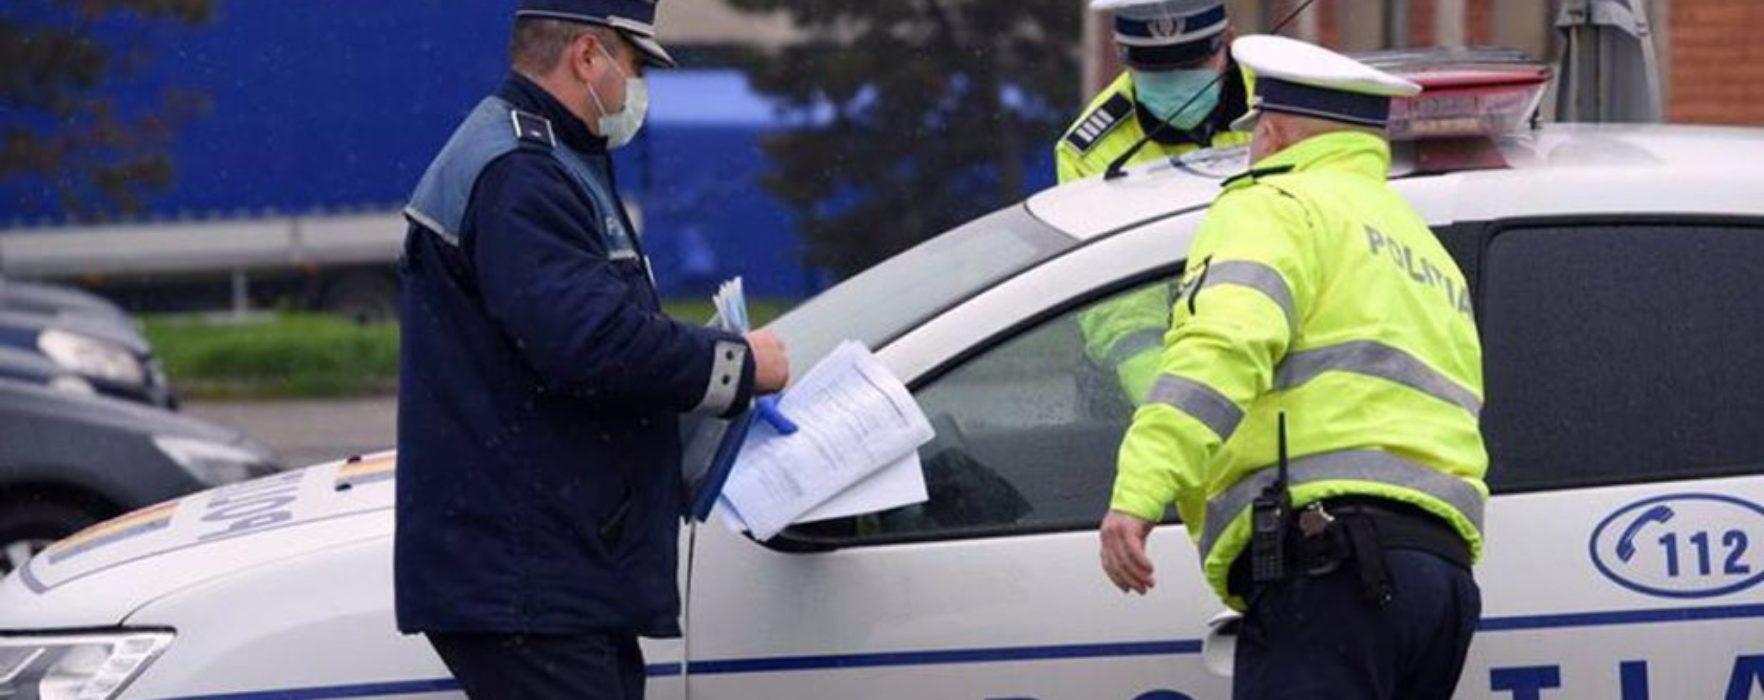 Dâmboviţa: Dosare penale pentru două persoane venite din străinătate care nu au intrat în carantină